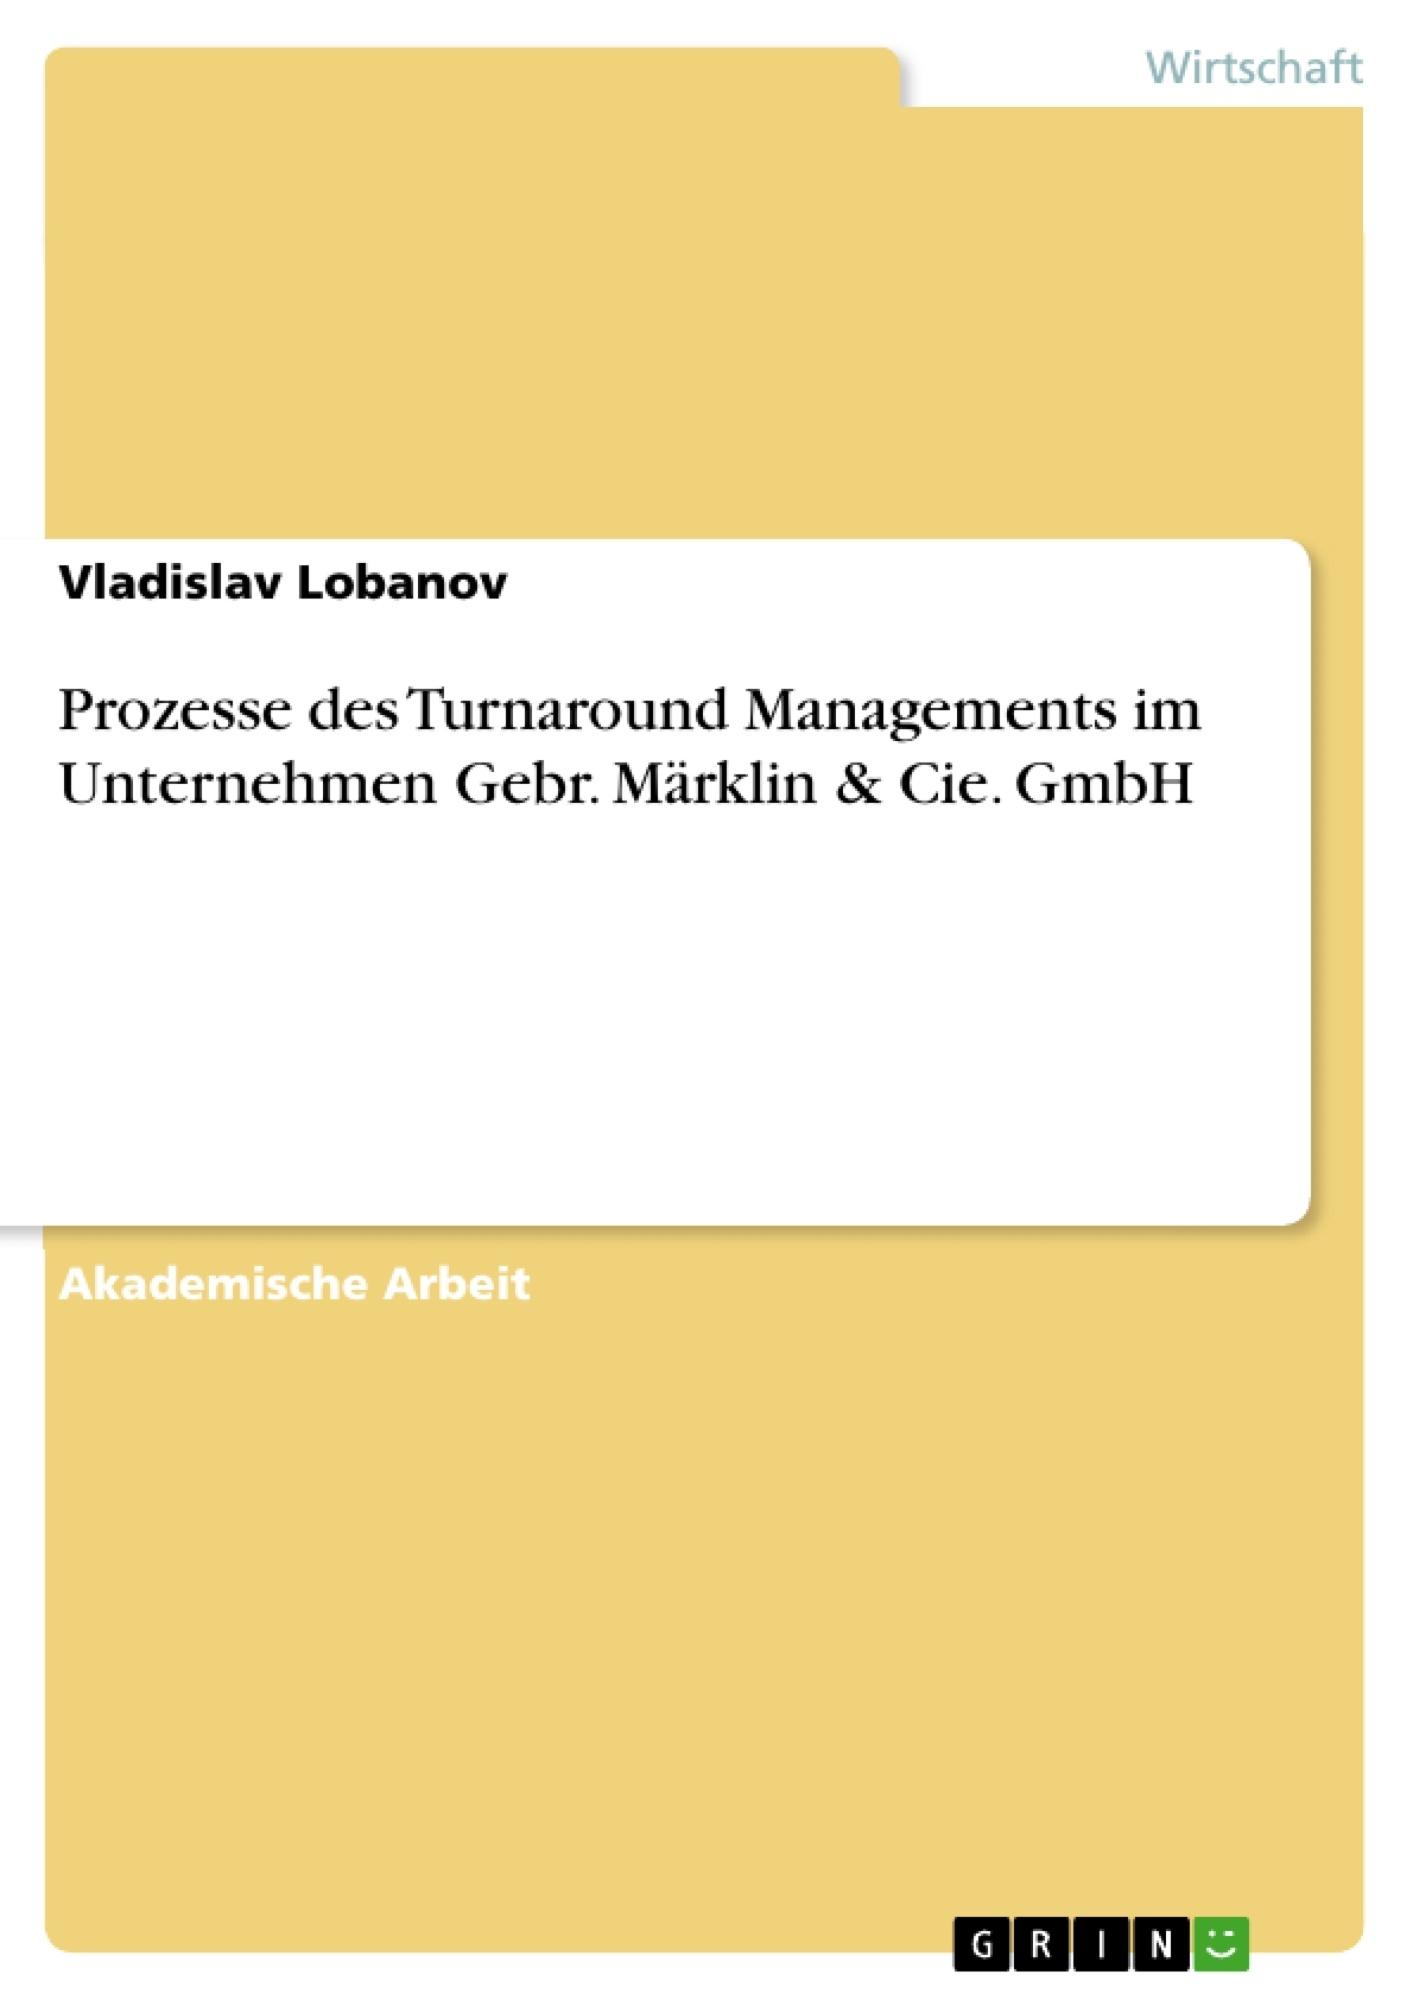 Titel: Prozesse des Turnaround Managements im Unternehmen Gebr. Märklin & Cie. GmbH